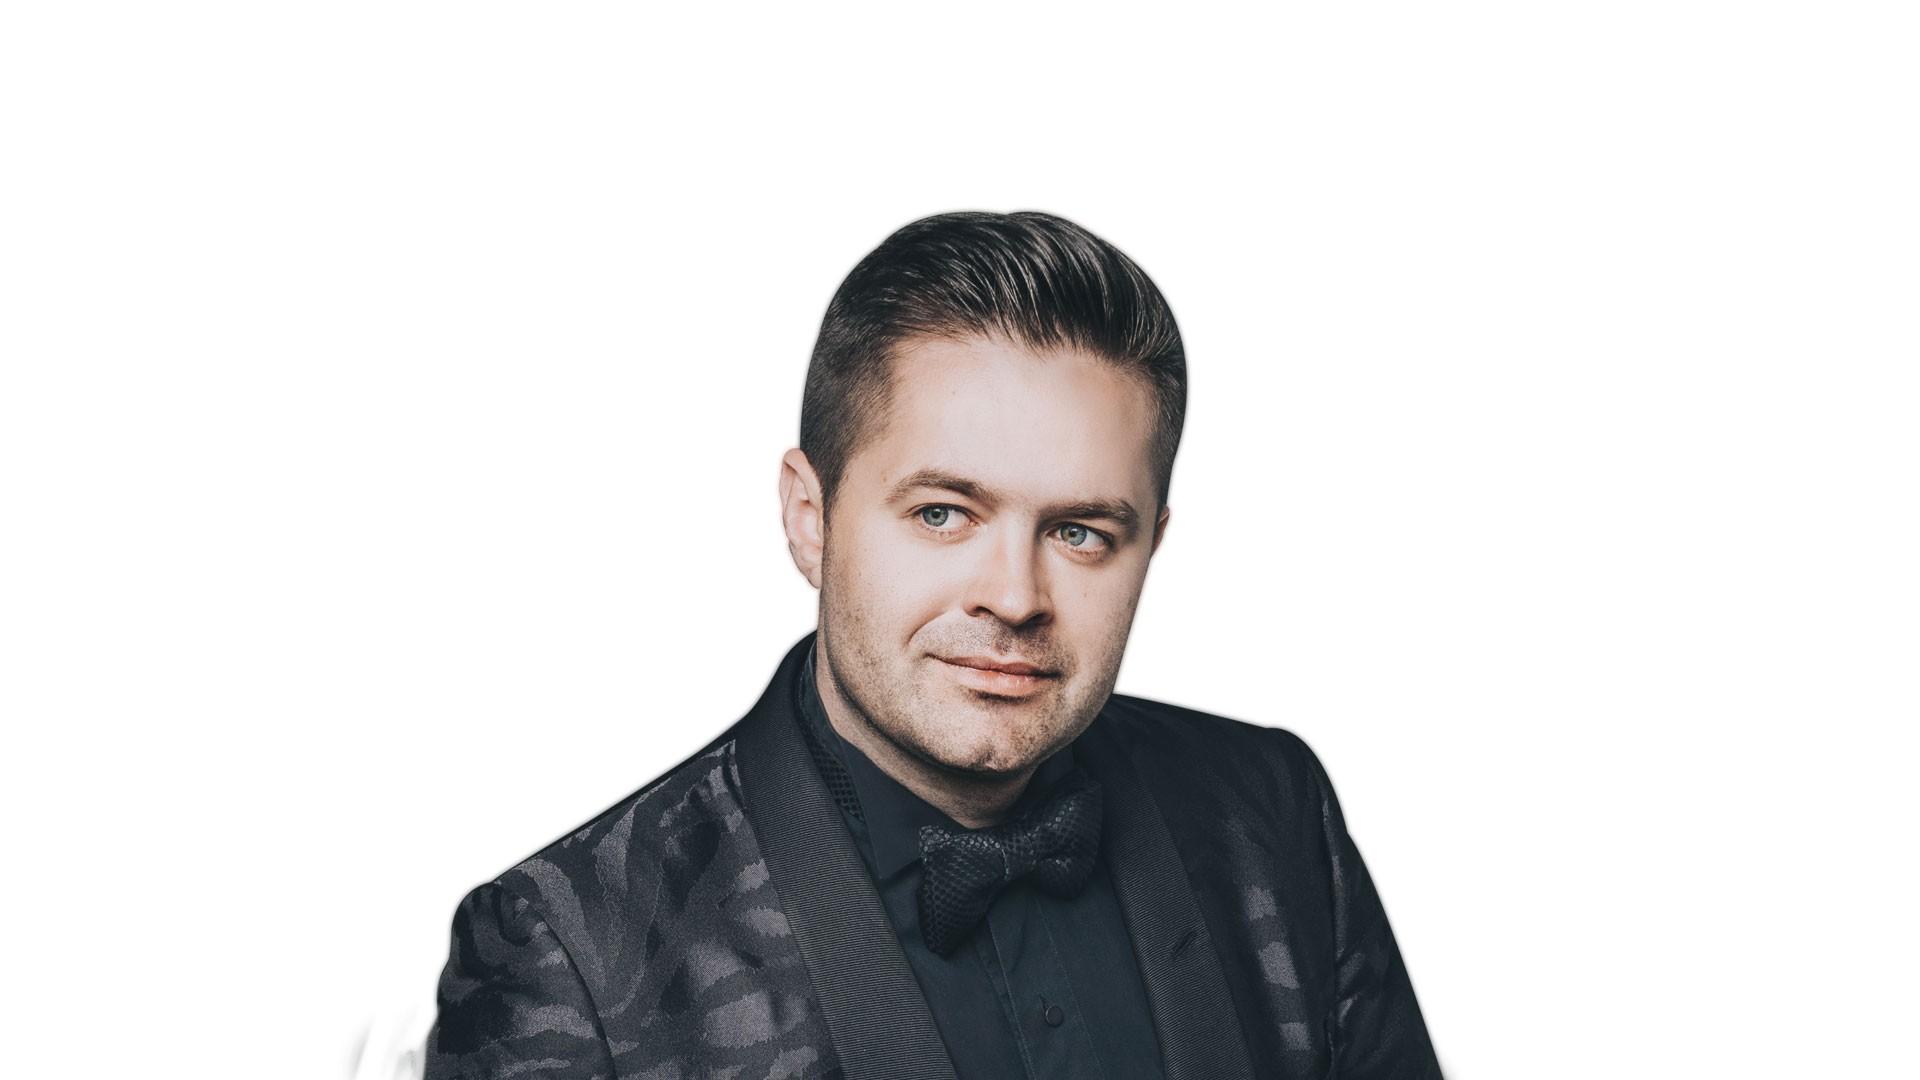 Сергей ВОЛЧКОВ. Большой сольный концерт в день рождения артиста